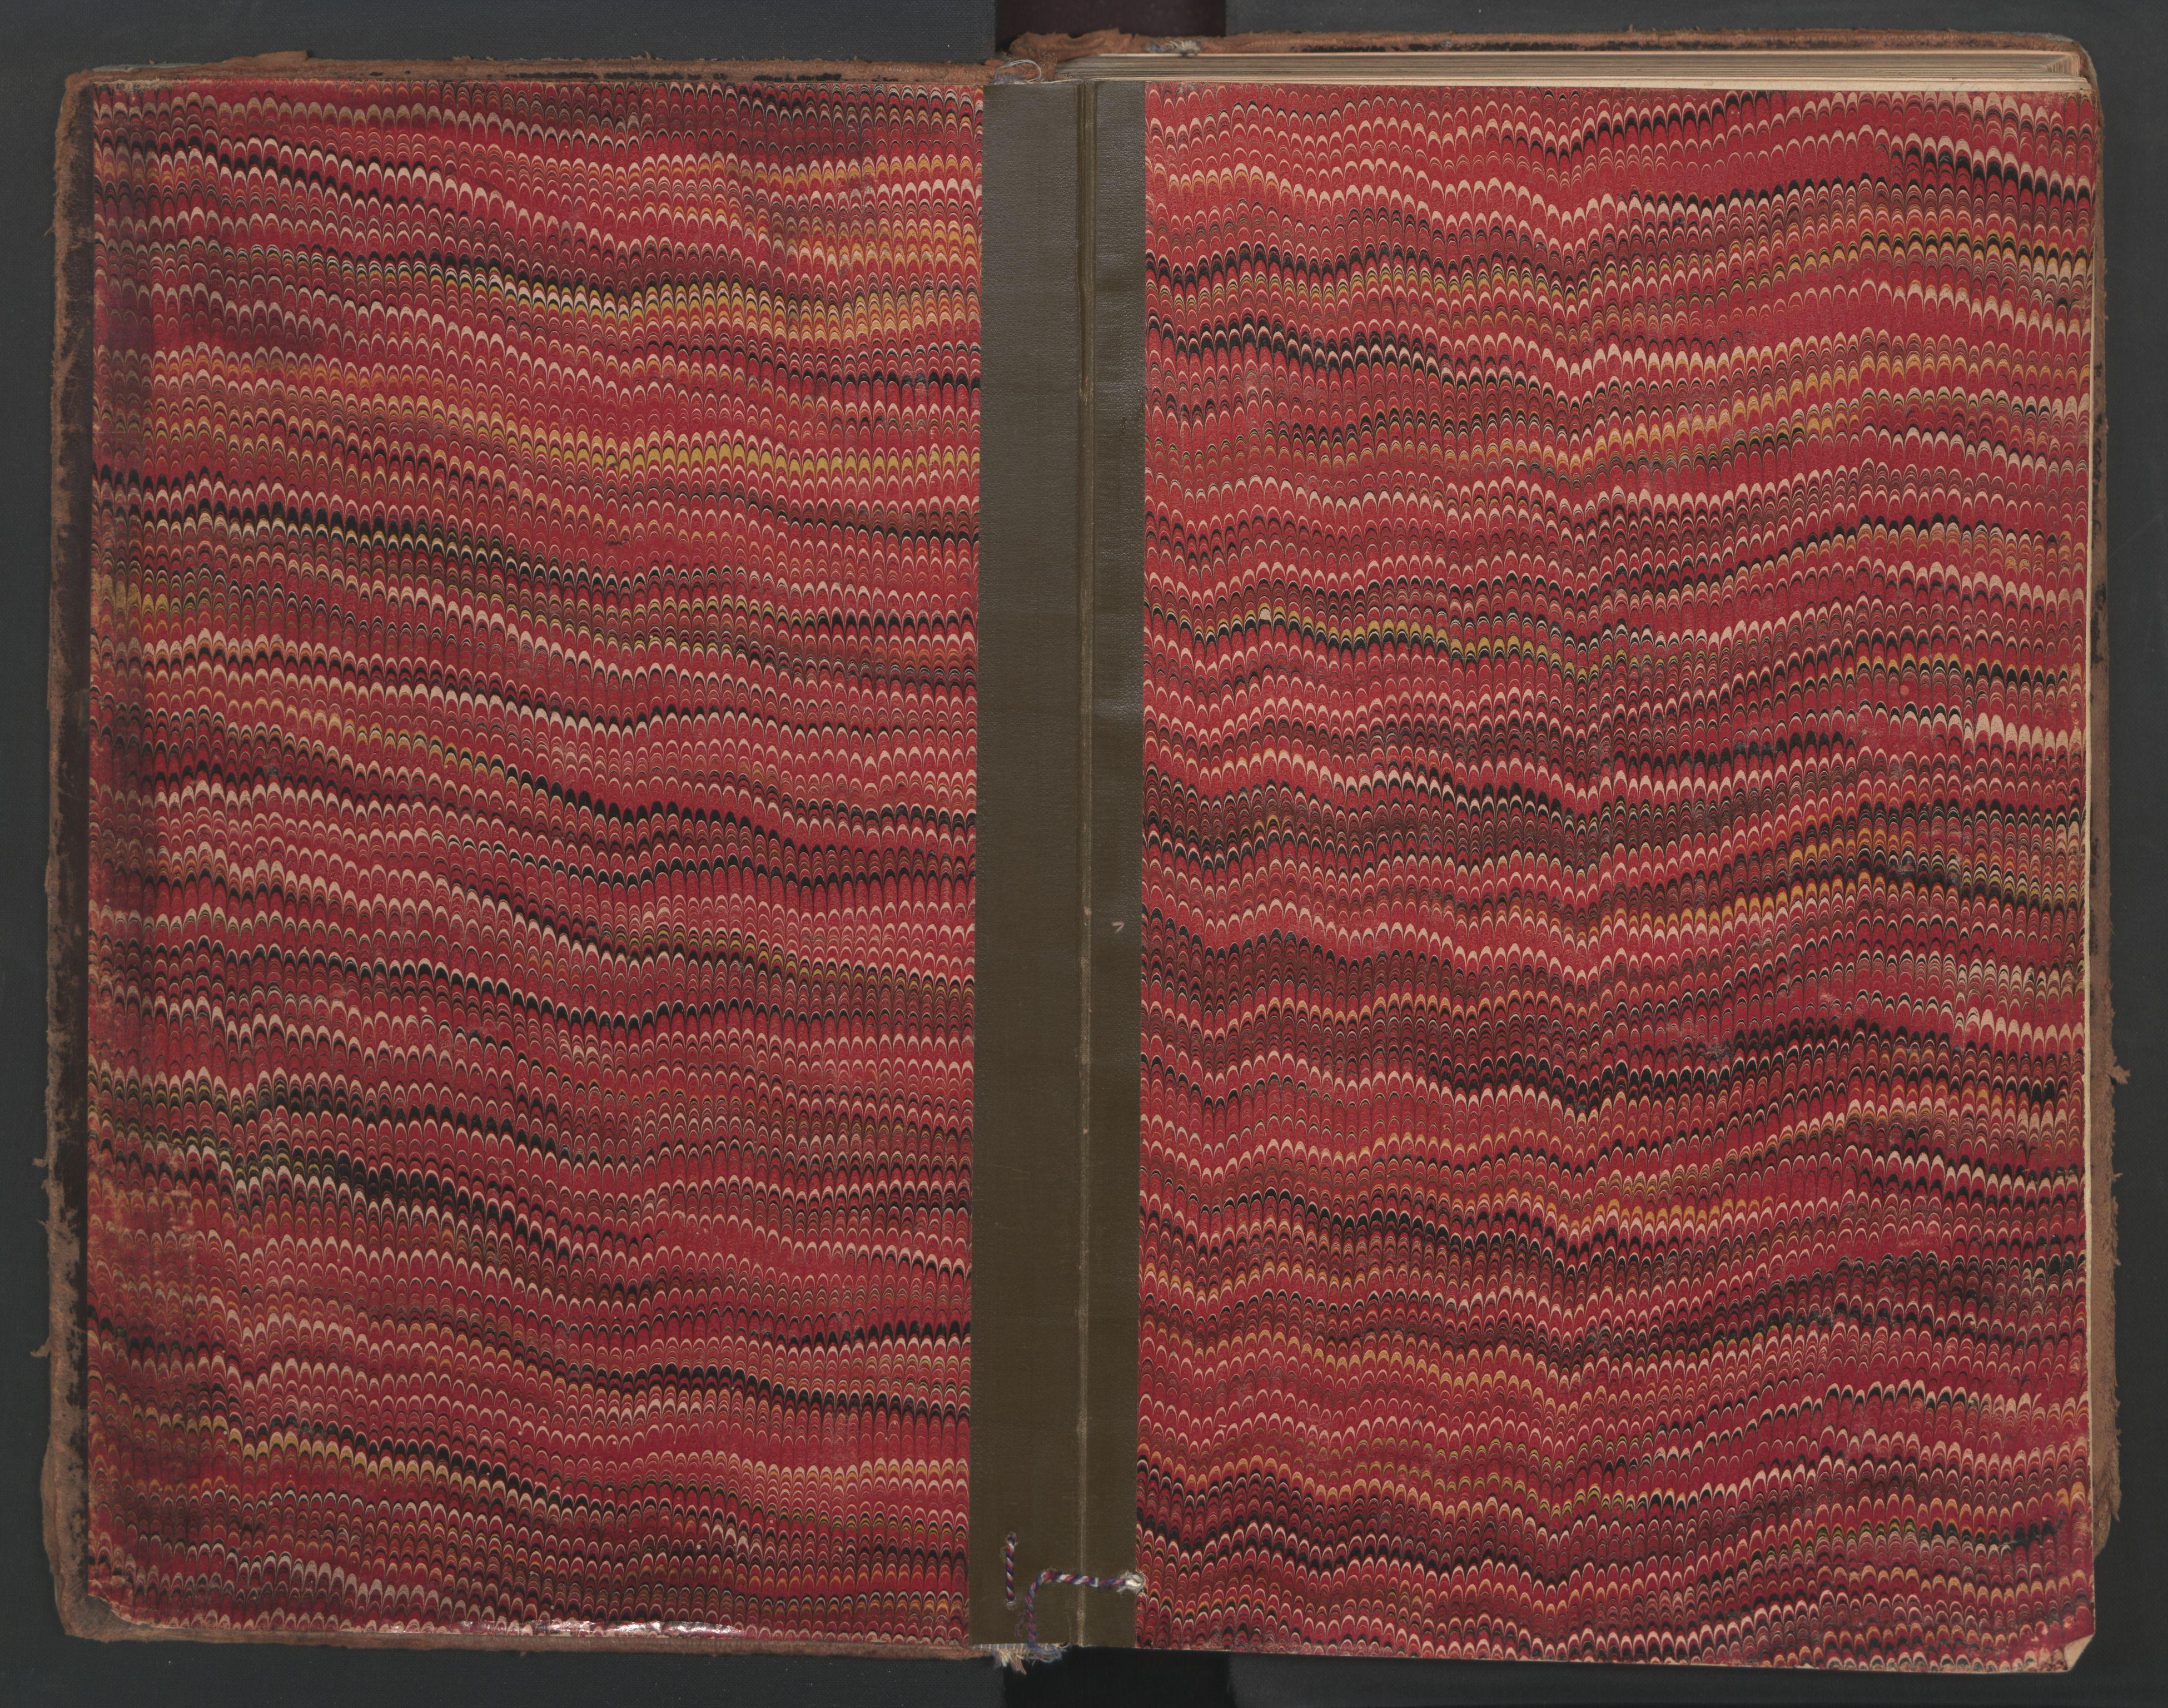 SAT, Ministerialprotokoller, klokkerbøker og fødselsregistre - Nord-Trøndelag, 741/L0397: Ministerialbok nr. 741A11, 1901-1911